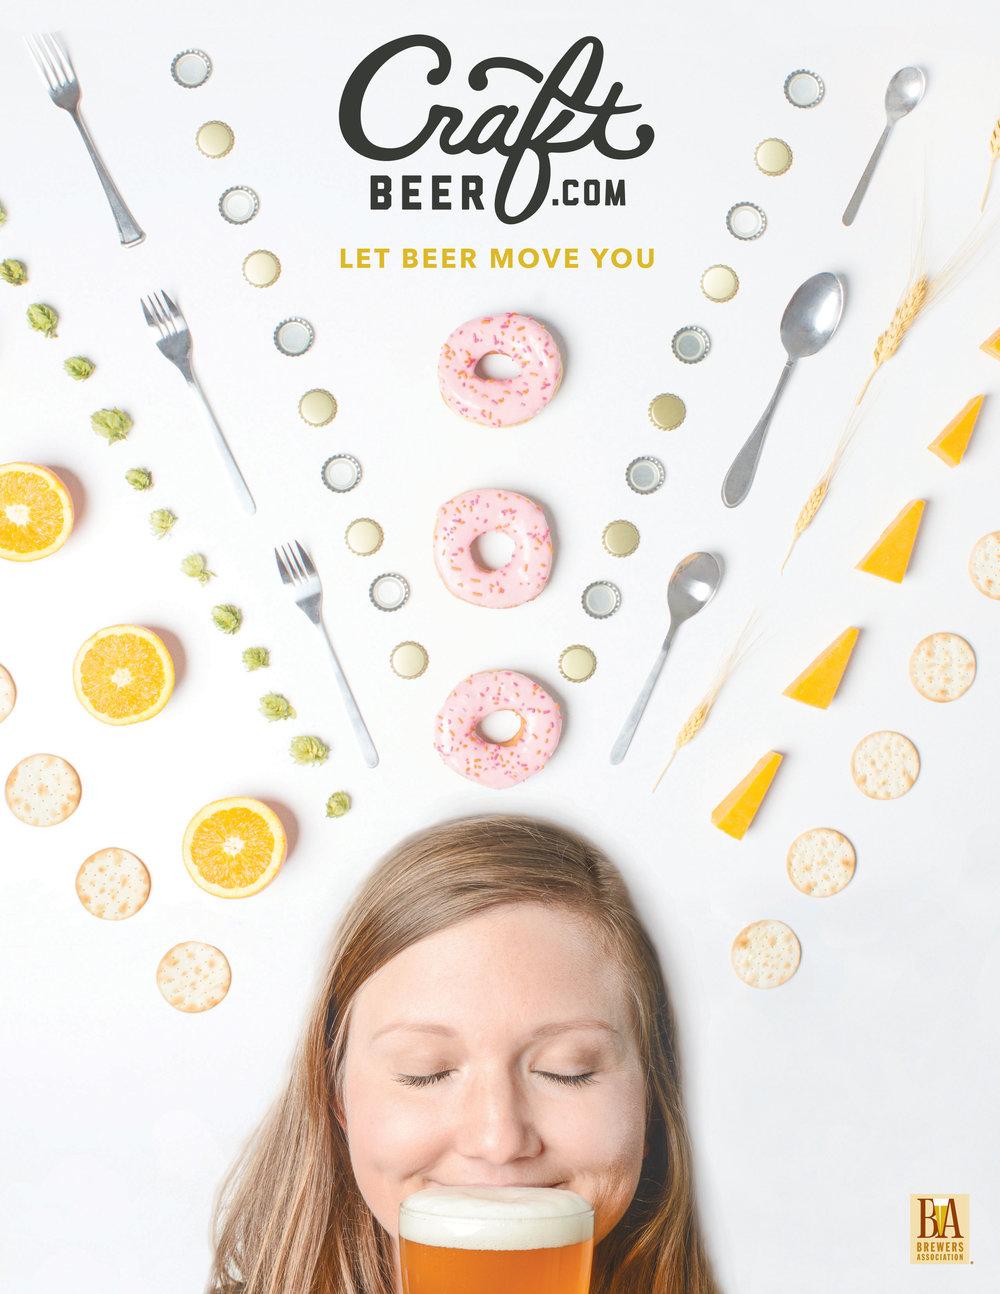 cb.com-ad-campaign.jpg